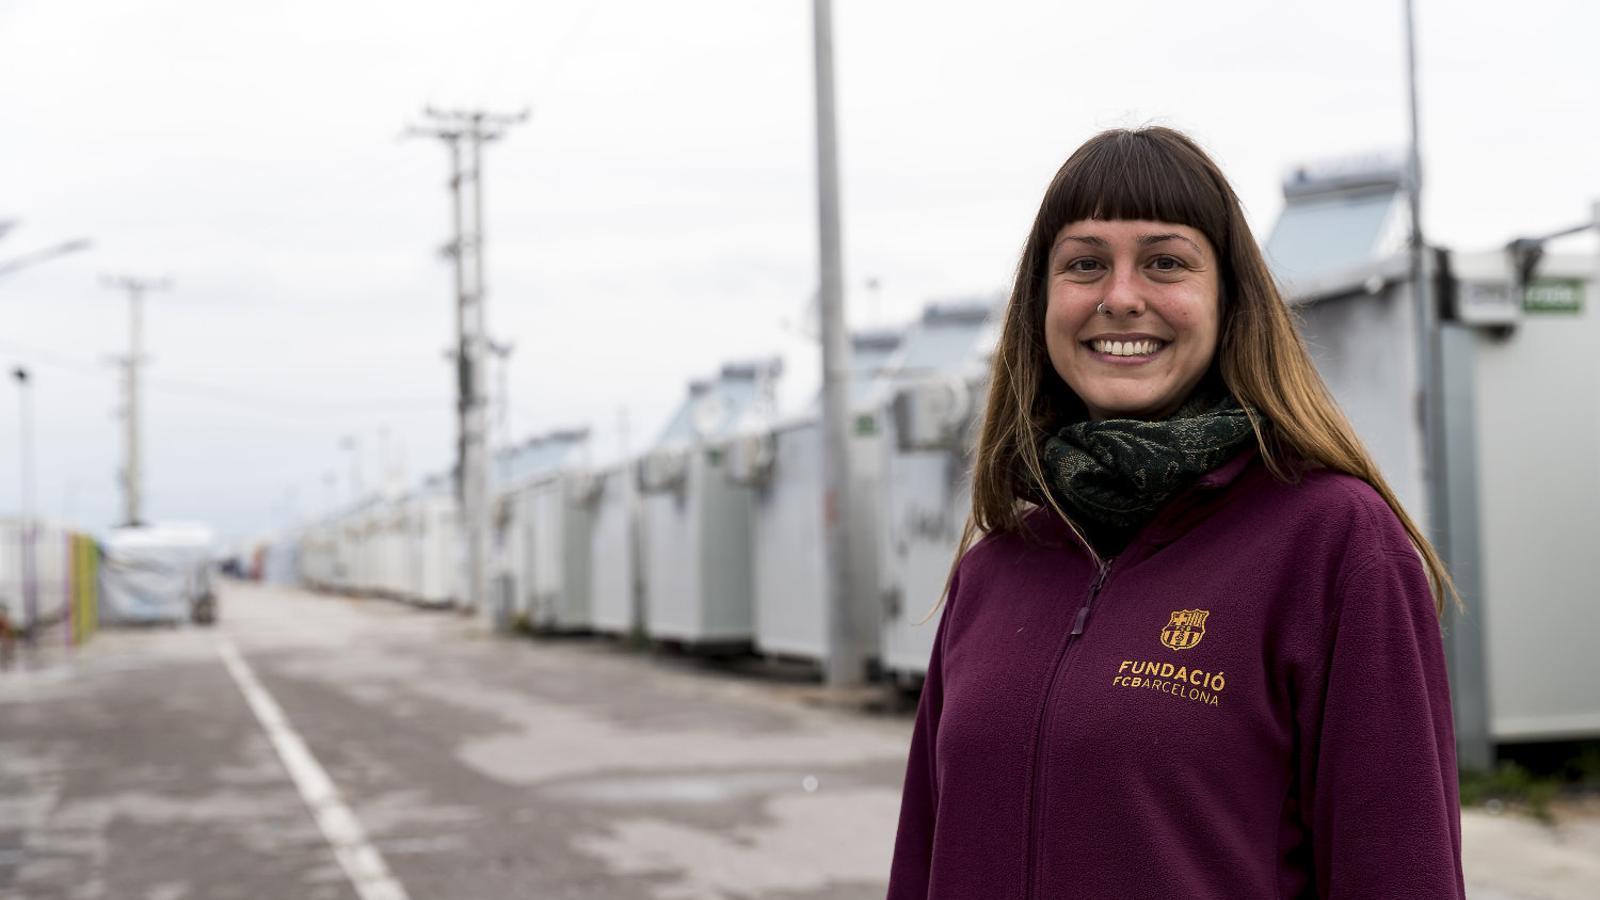 Sandra Aguilar és a Atenes des de l'estiu per posar en marxa el projecte FutbolNet a les escoles i als camps de refugiats.